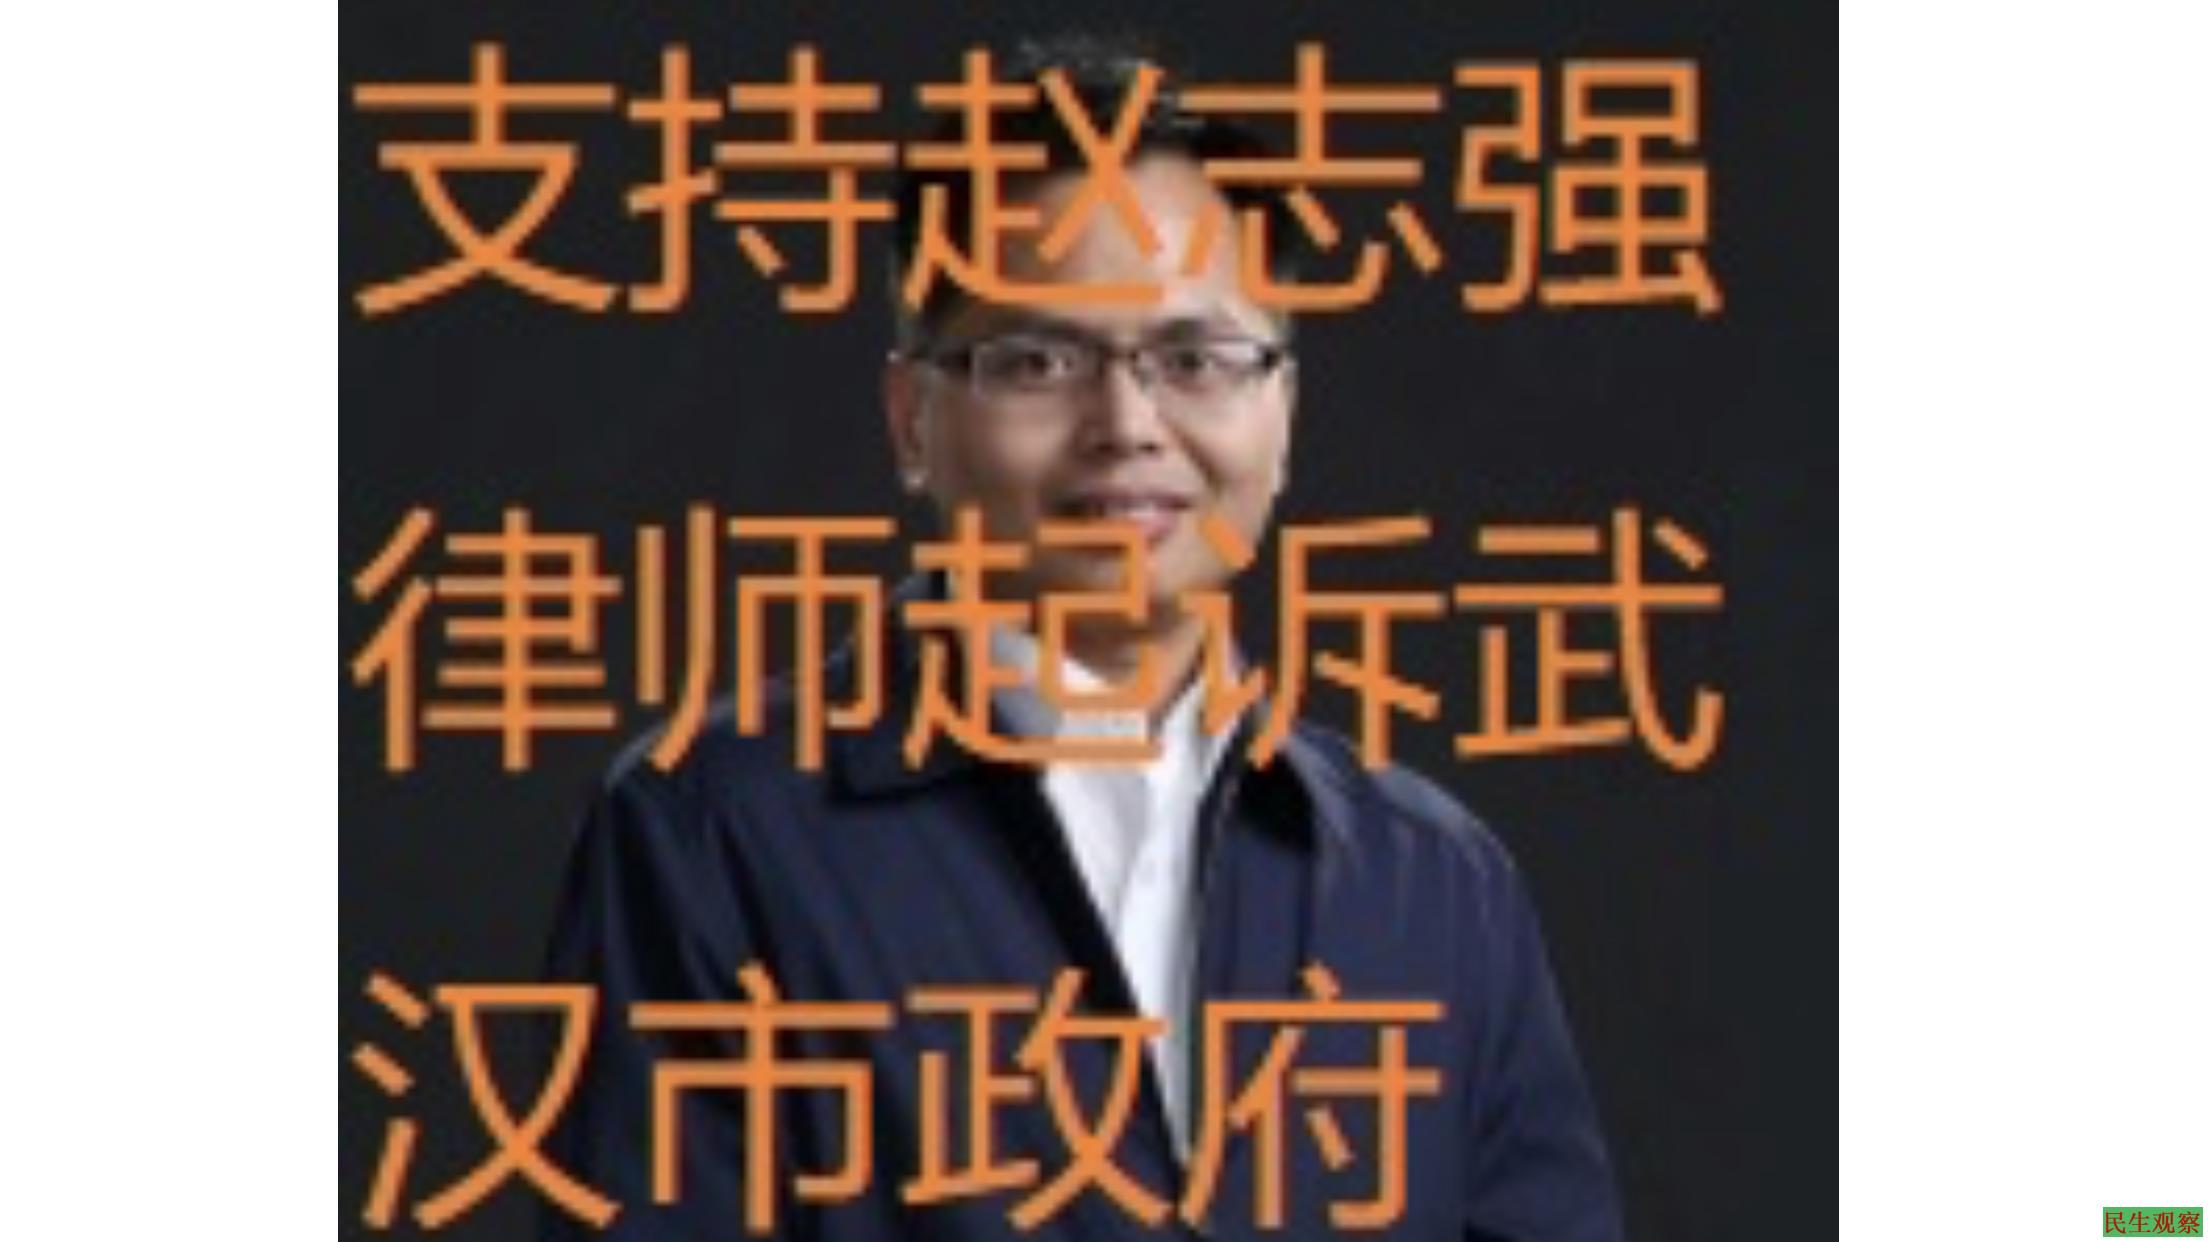 支持赵志强律师依法起诉武汉市政府